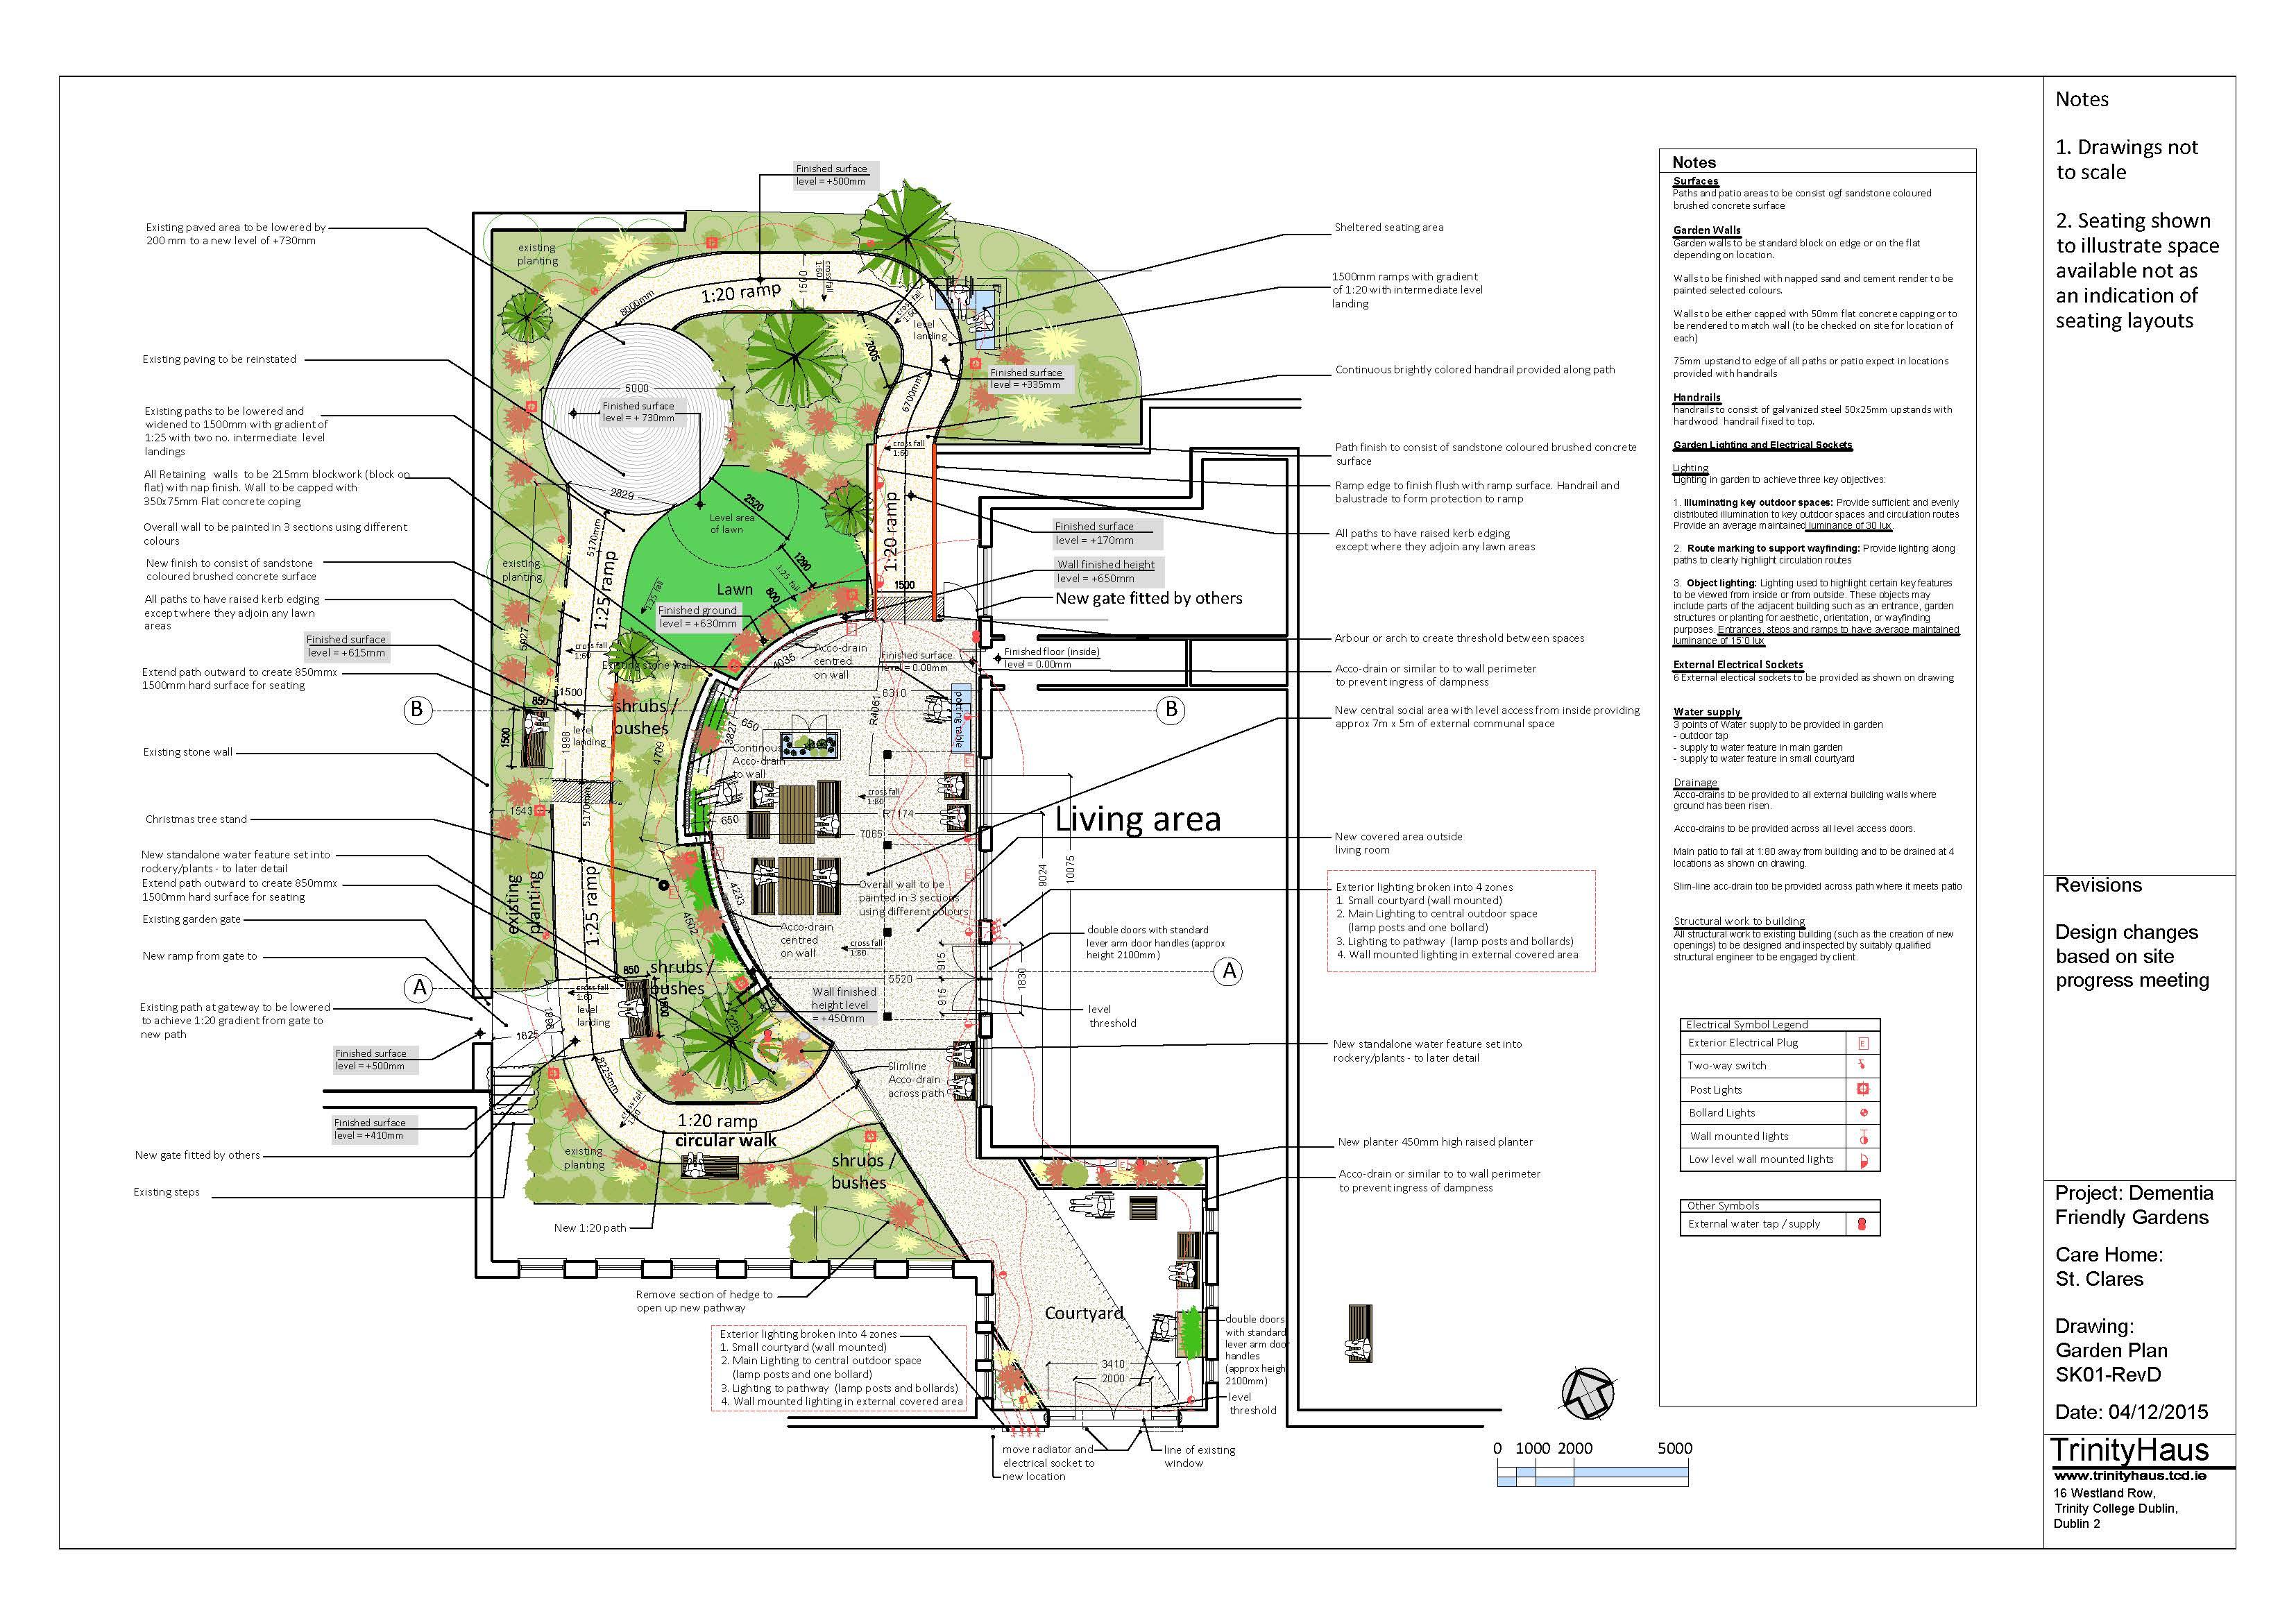 Sample Dementia Friendly Garden Plan Newtown Saunders Ltd